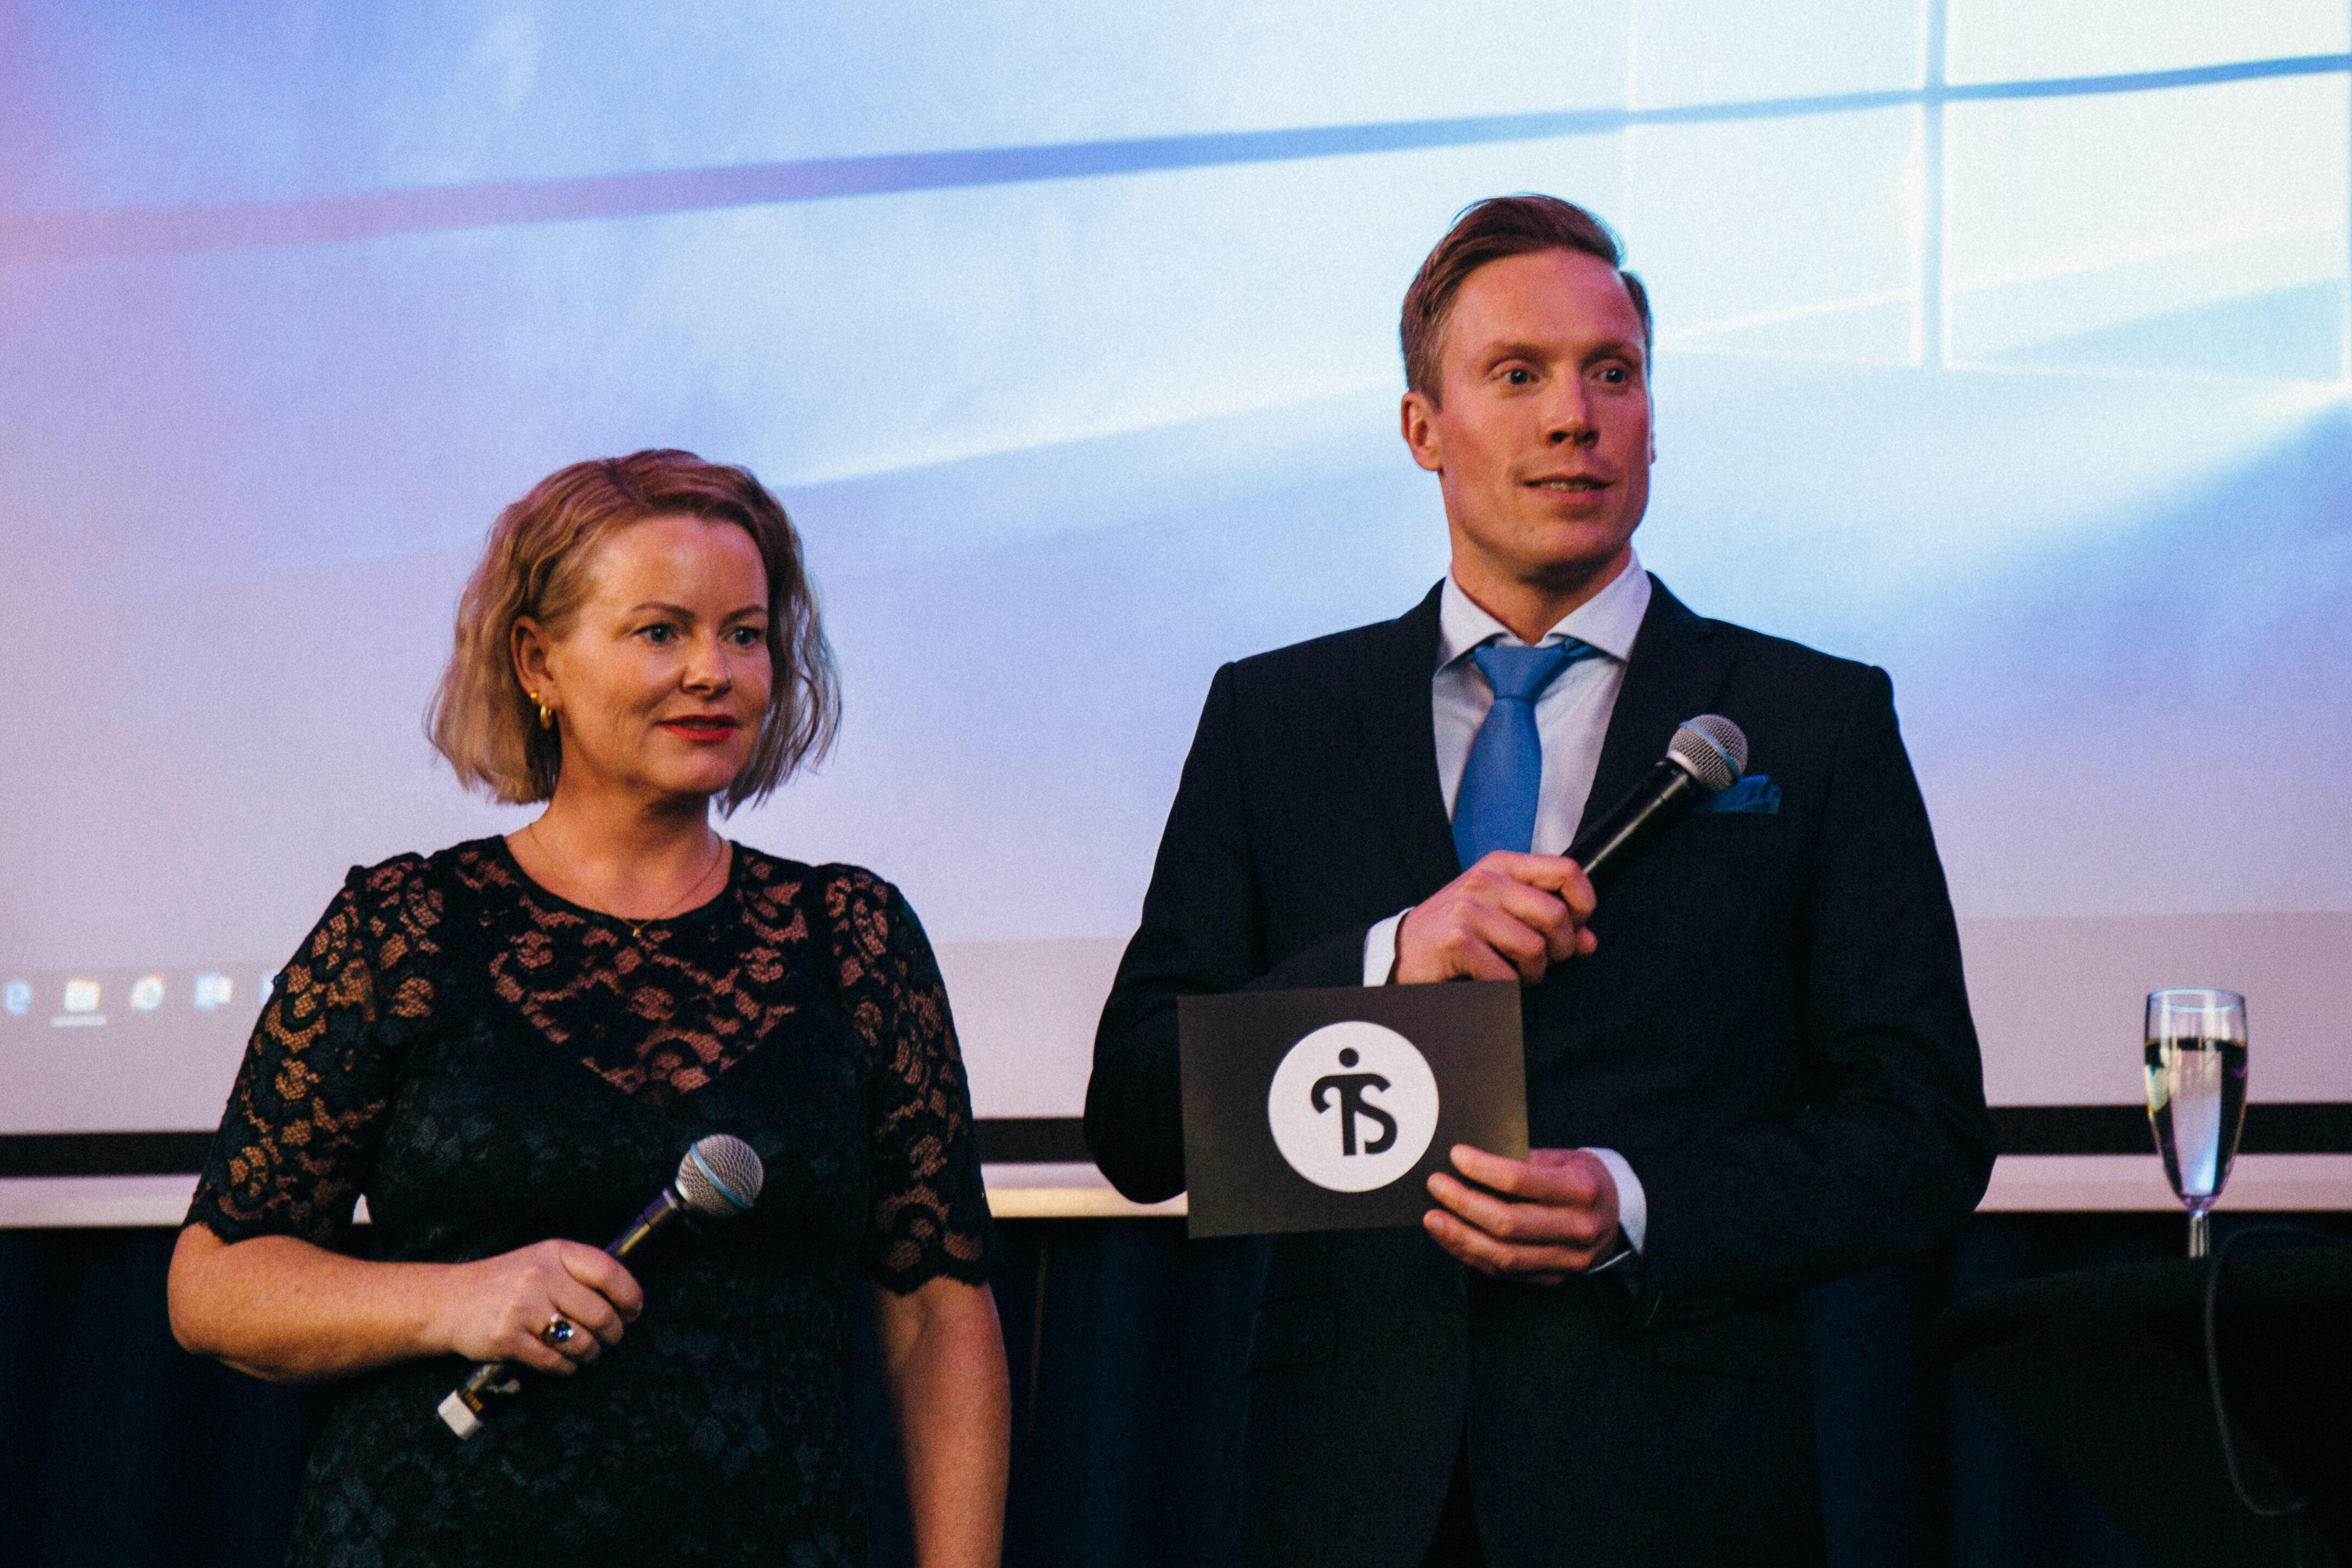 Tyrilistiftelsens nestleder Camilla Fjeld og leder Anders Dalsaune Jansen ledet deltagerne gjennom dagen.